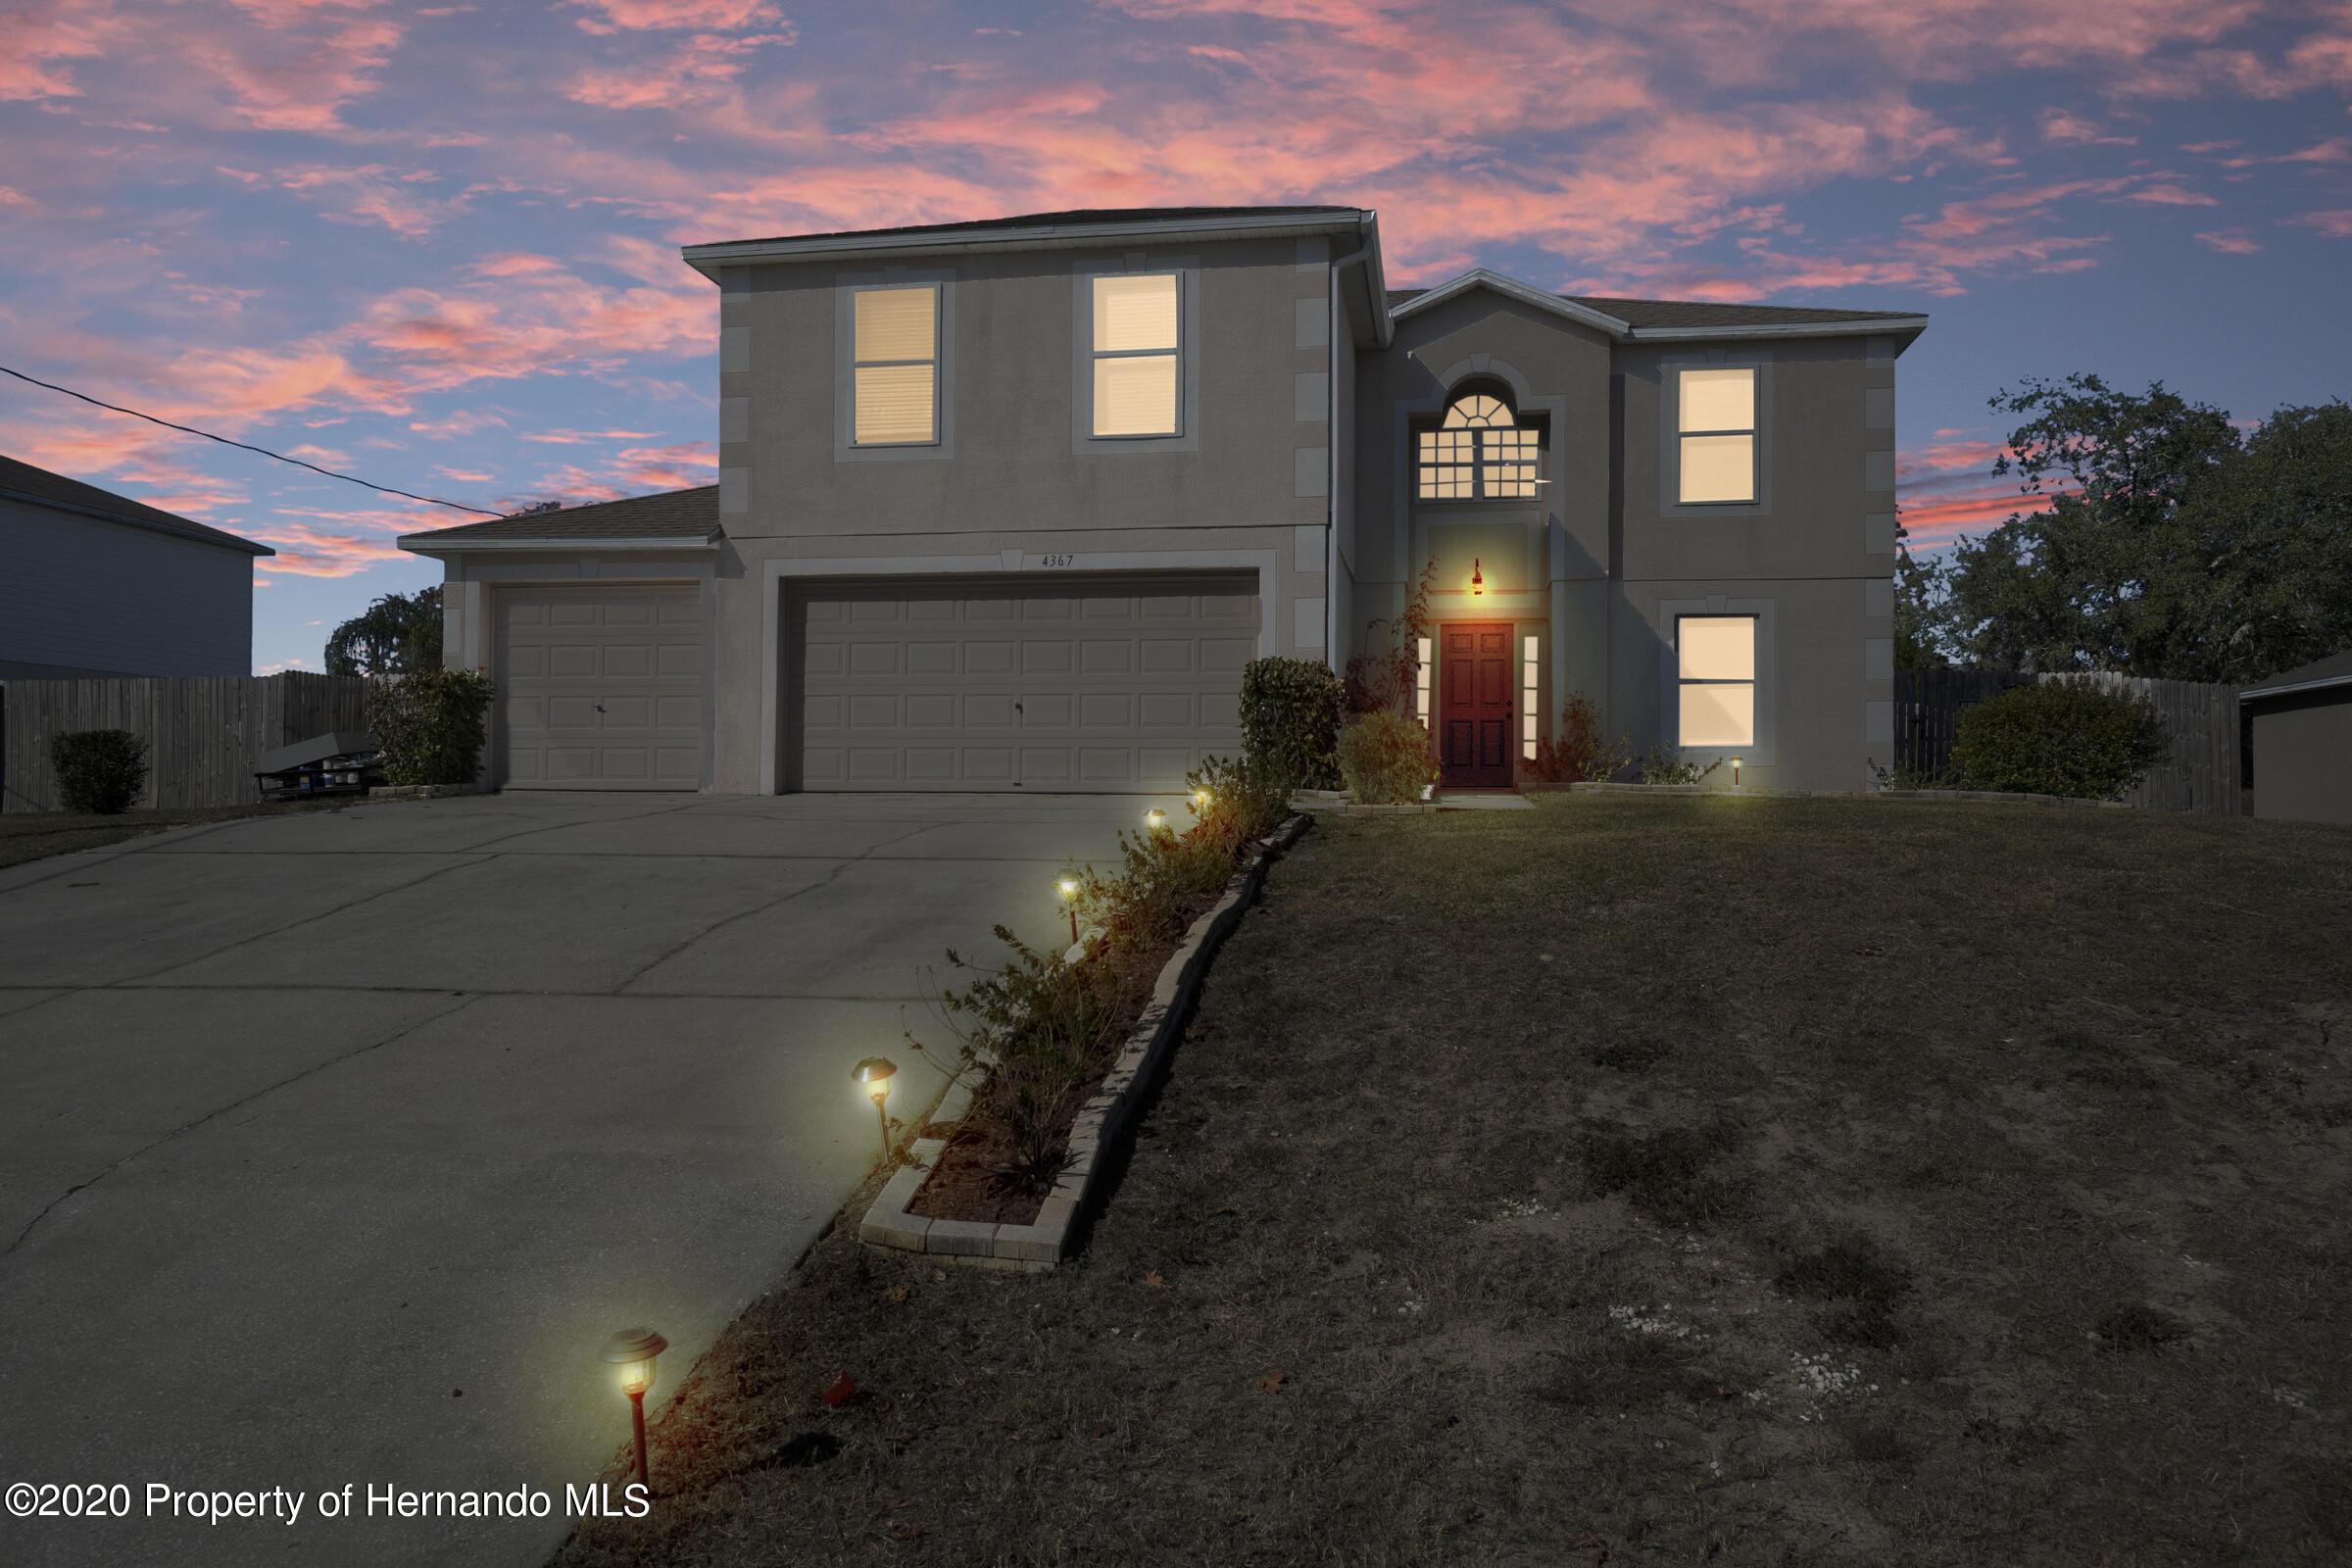 Details for 4367 Landover Boulevard, Spring Hill, FL 34609